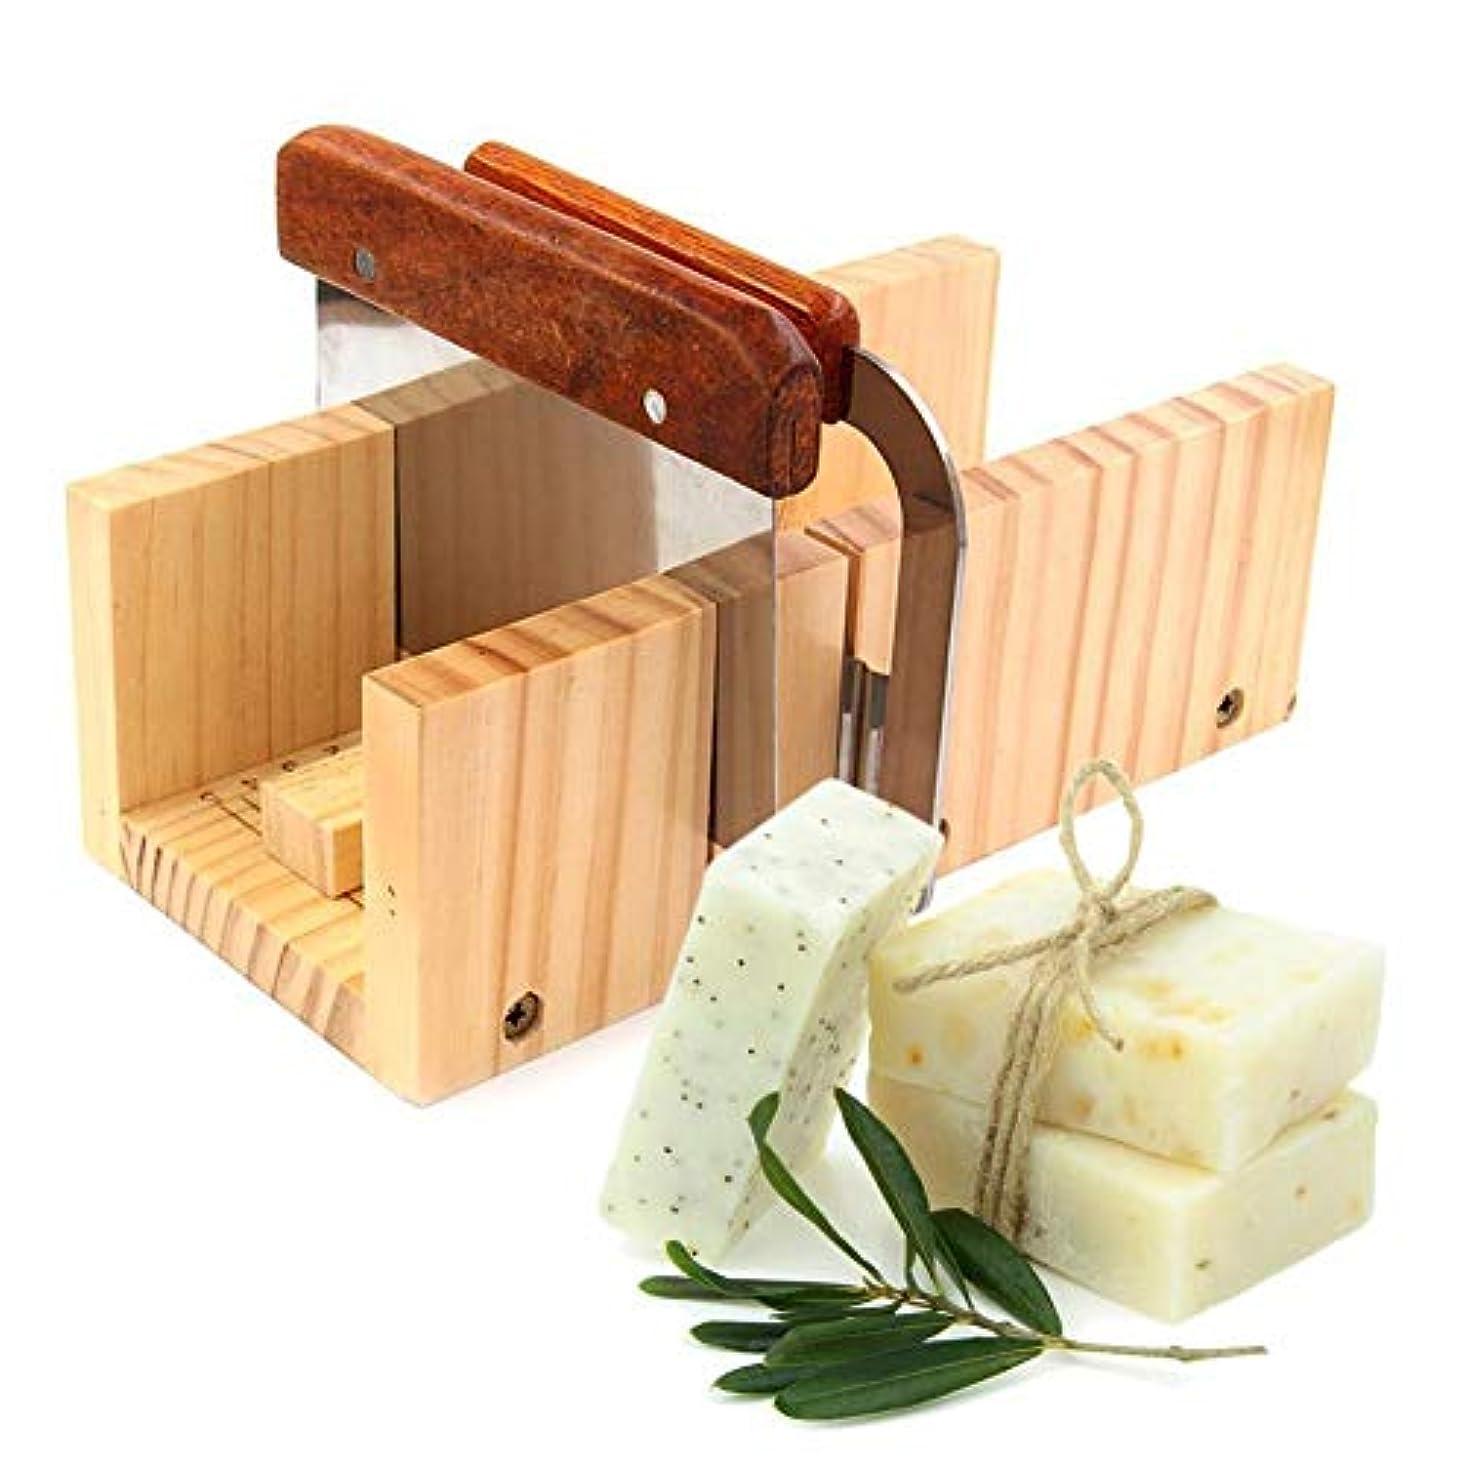 樹木硫黄交換Ragem ソープカッター 手作り石鹸金型 木製 ローフカッターボックス 調整可能 多機能ソープ切削工具 ストレートプレーニングツール